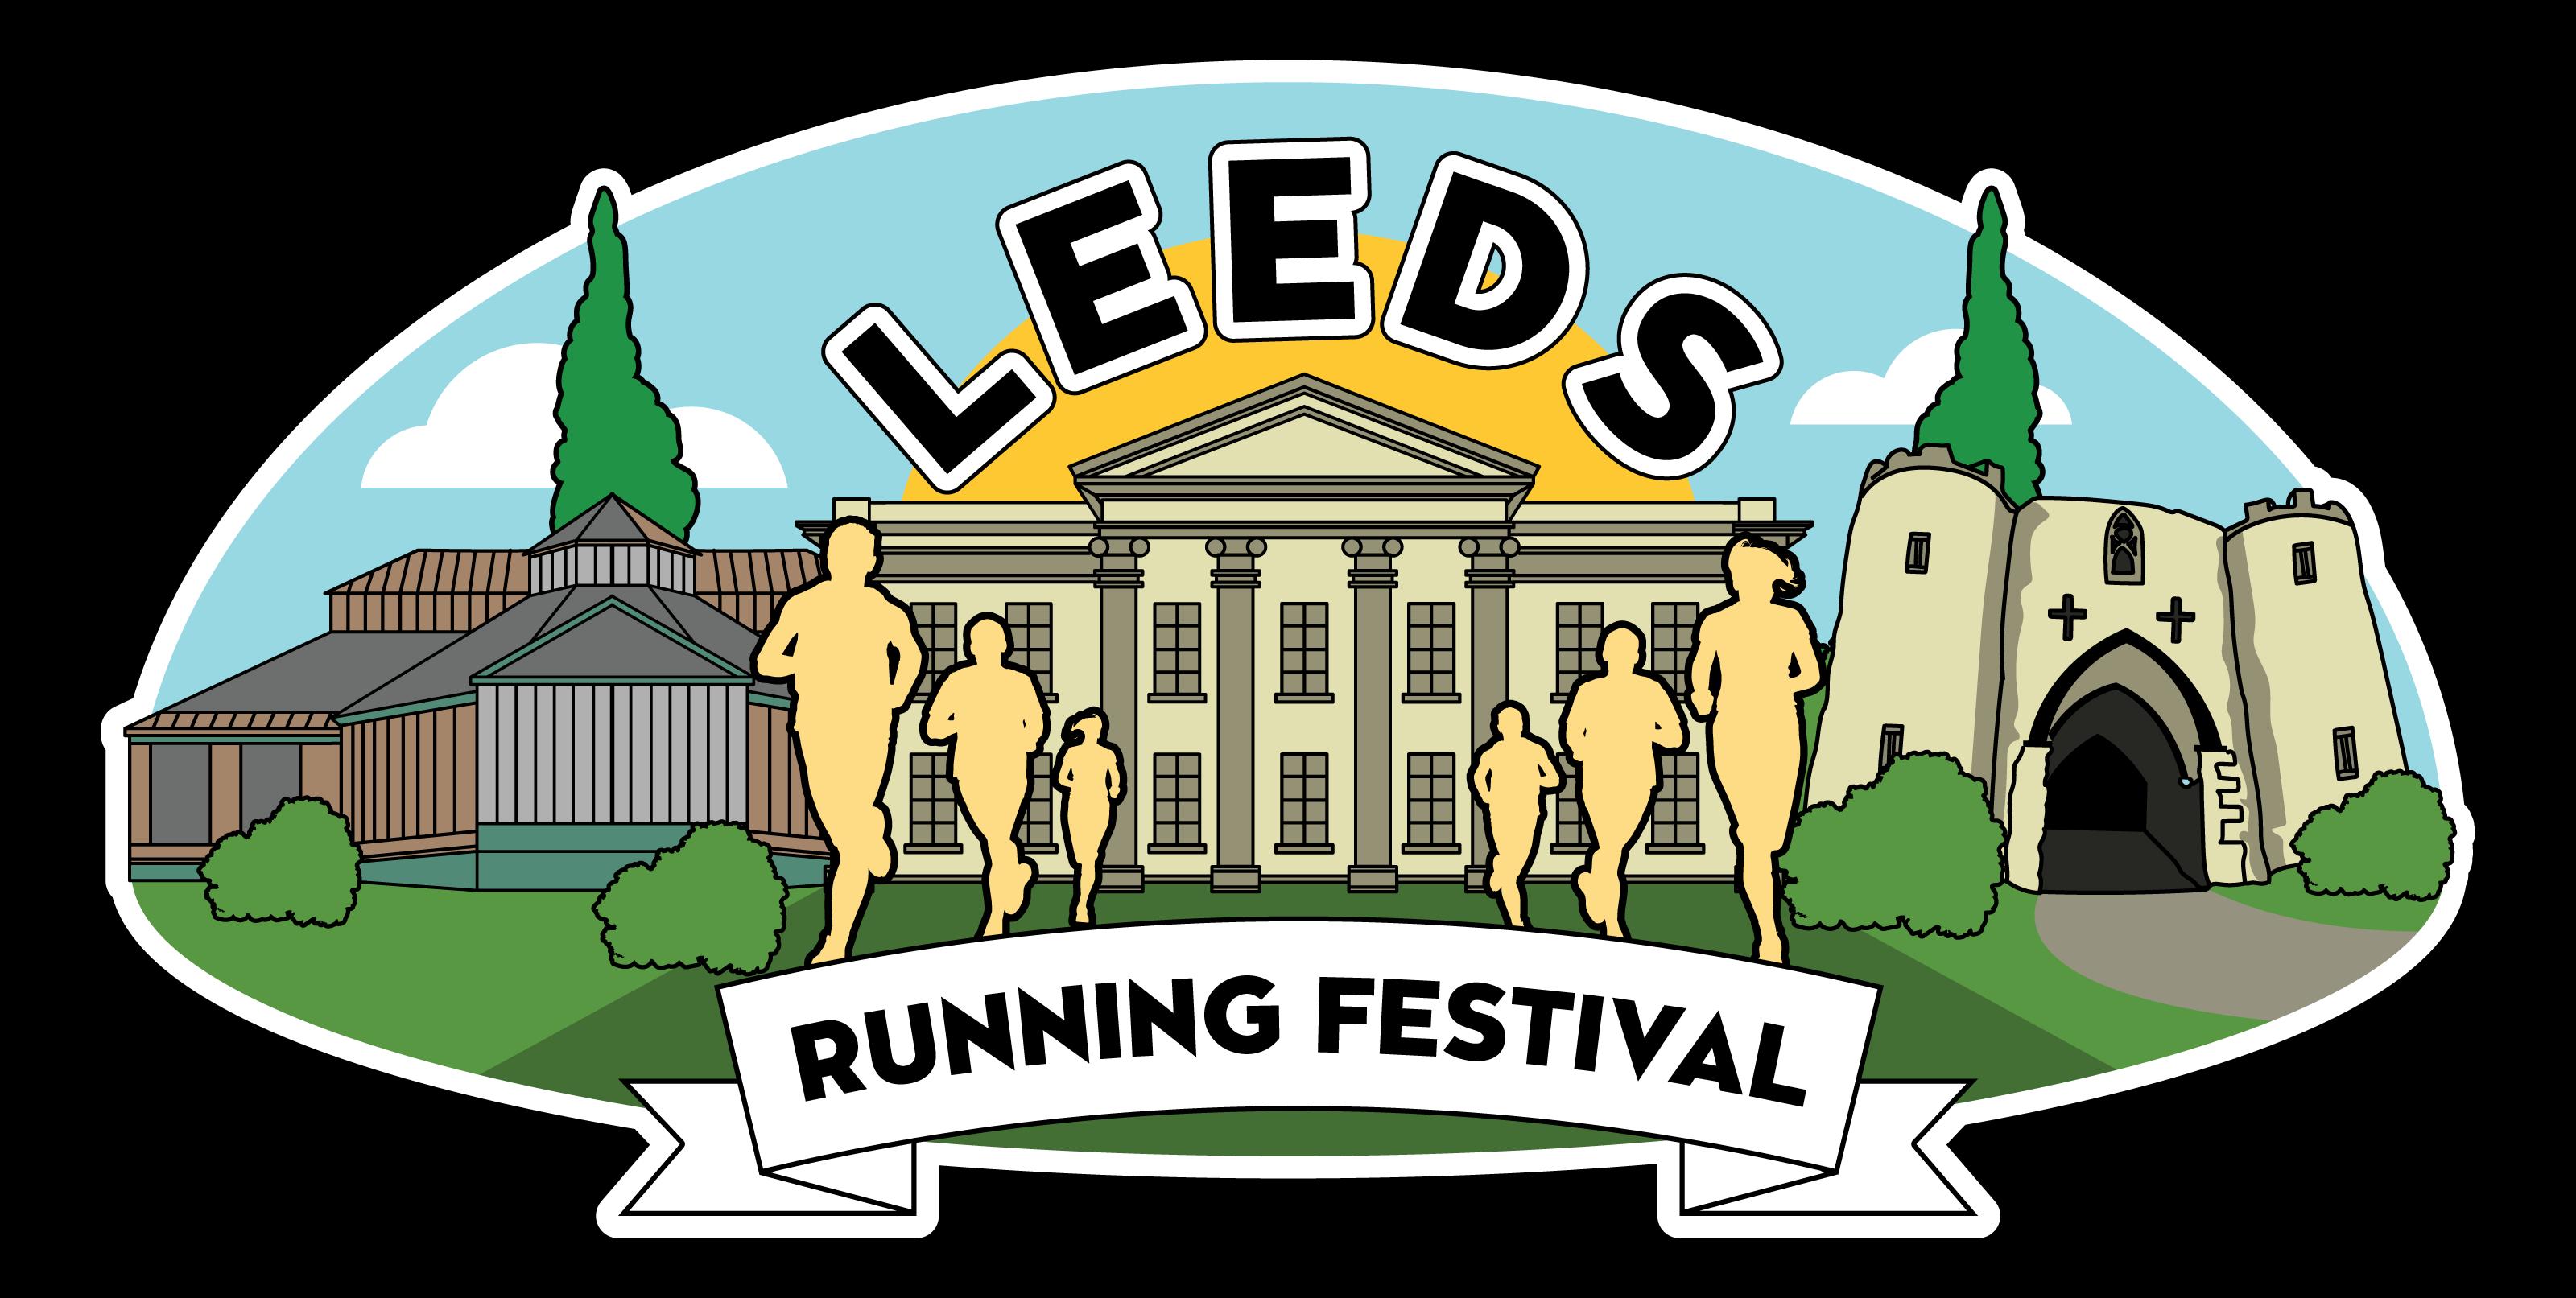 Leeds Running Festival - Half Marathon, 10k & 5k